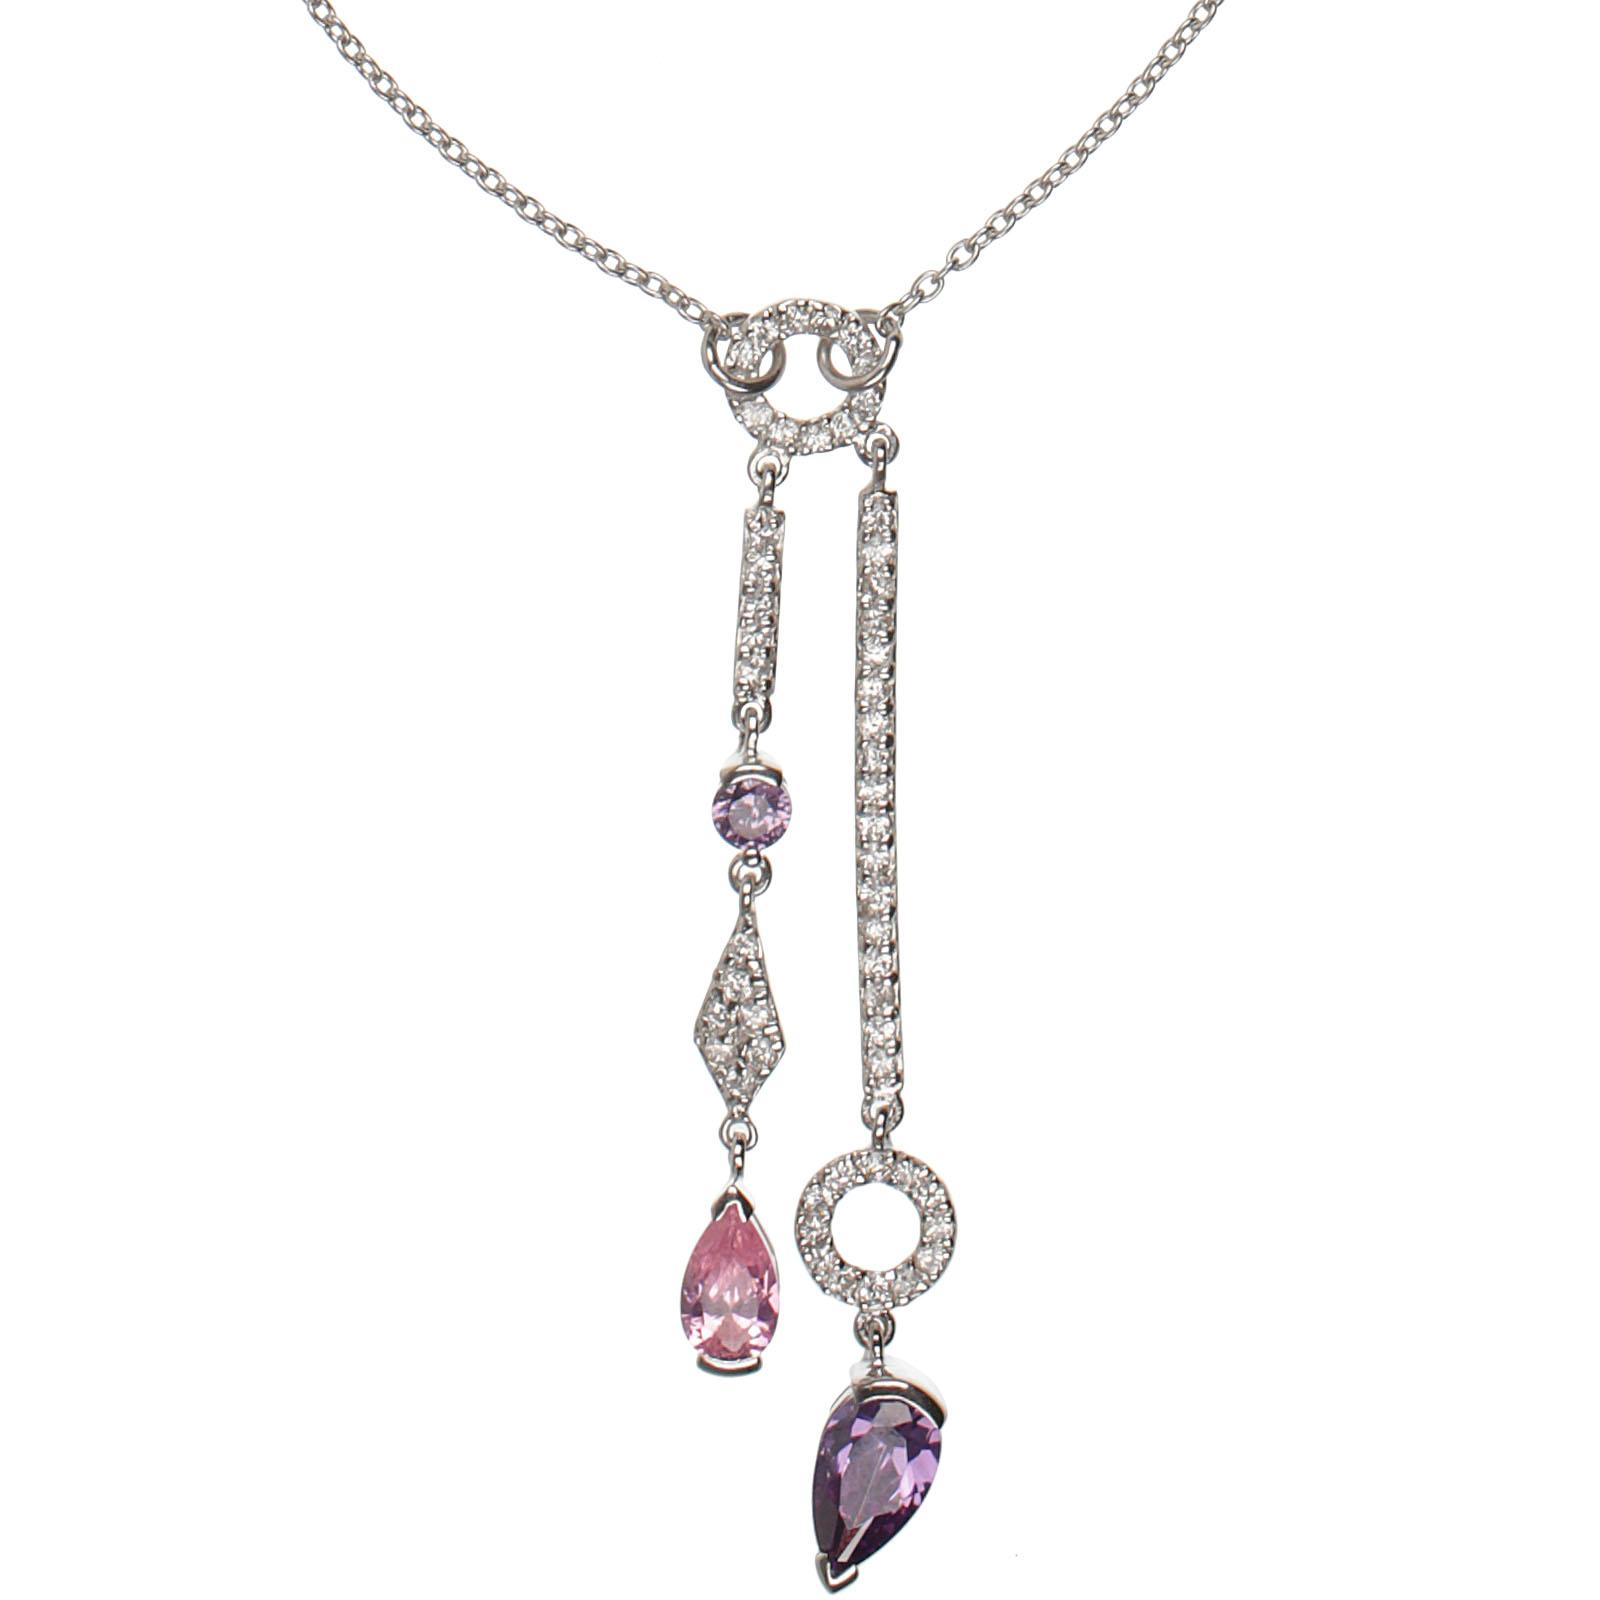 Damen-Halskette-echt-Silber-925-Sterling-mit-Zirkonia-46-cm-lang-Collier